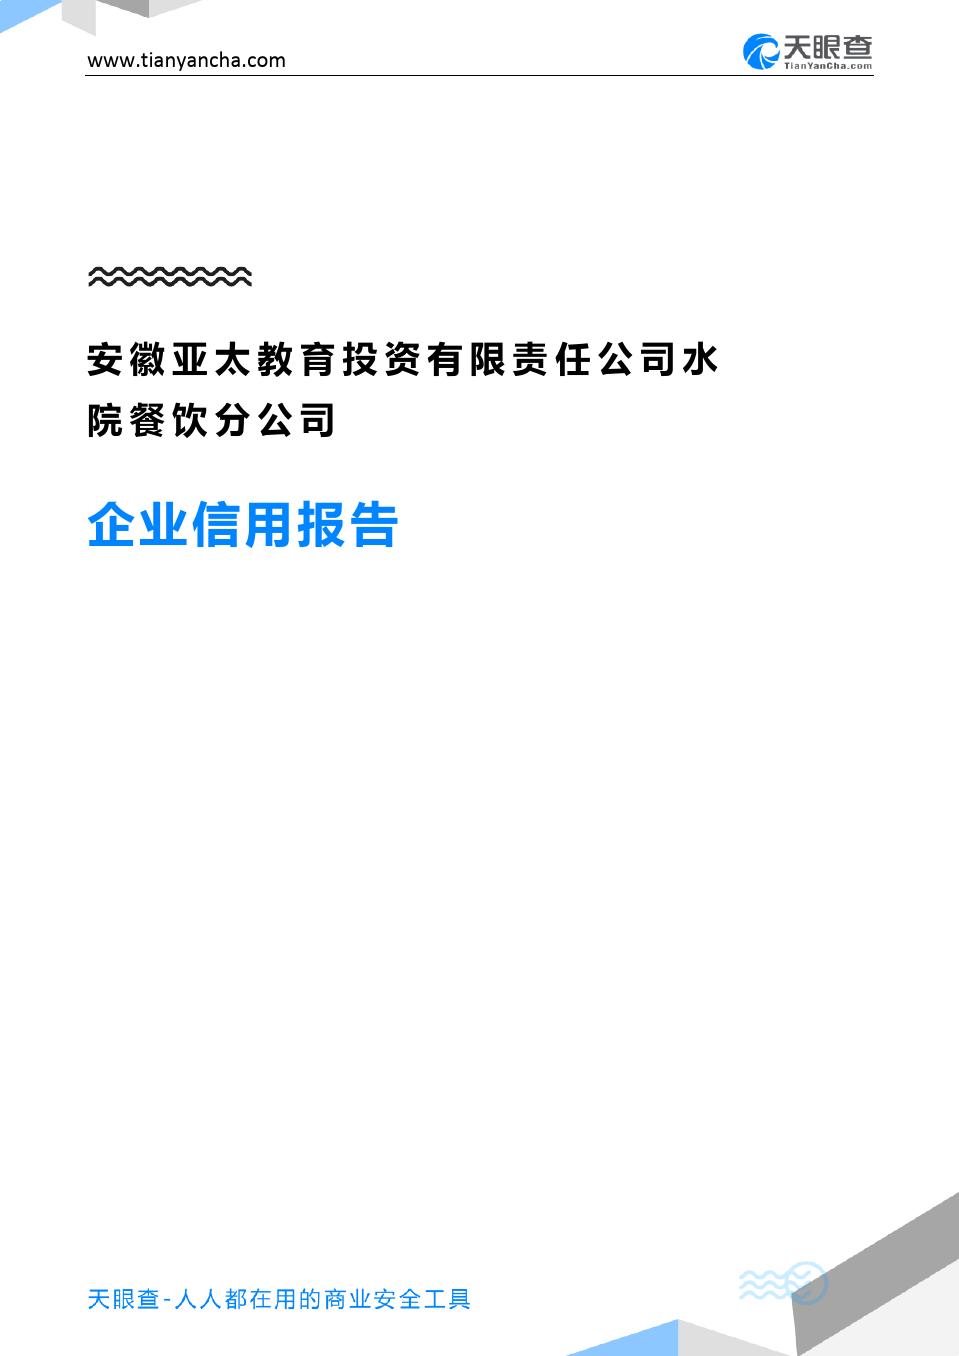 安徽亚太教育投资有限责任公司水院餐饮分公司(企业信用报告)- 天眼查